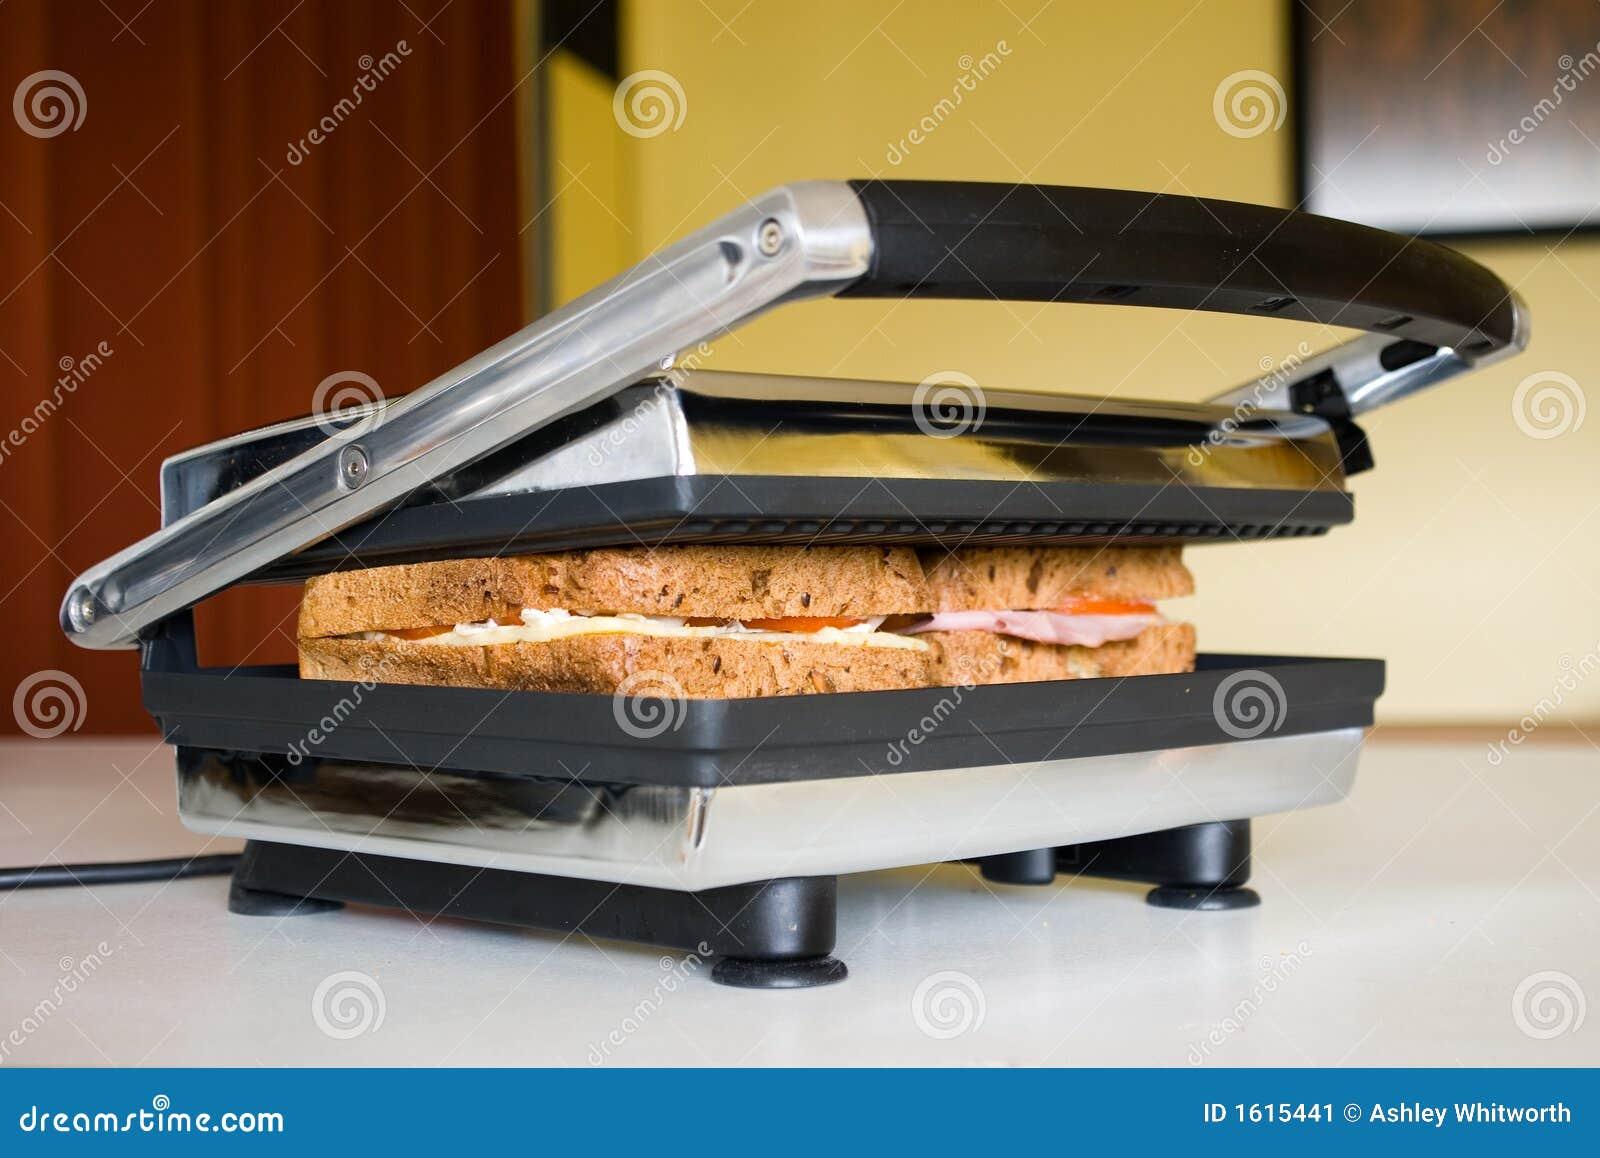 отожмите сандвич